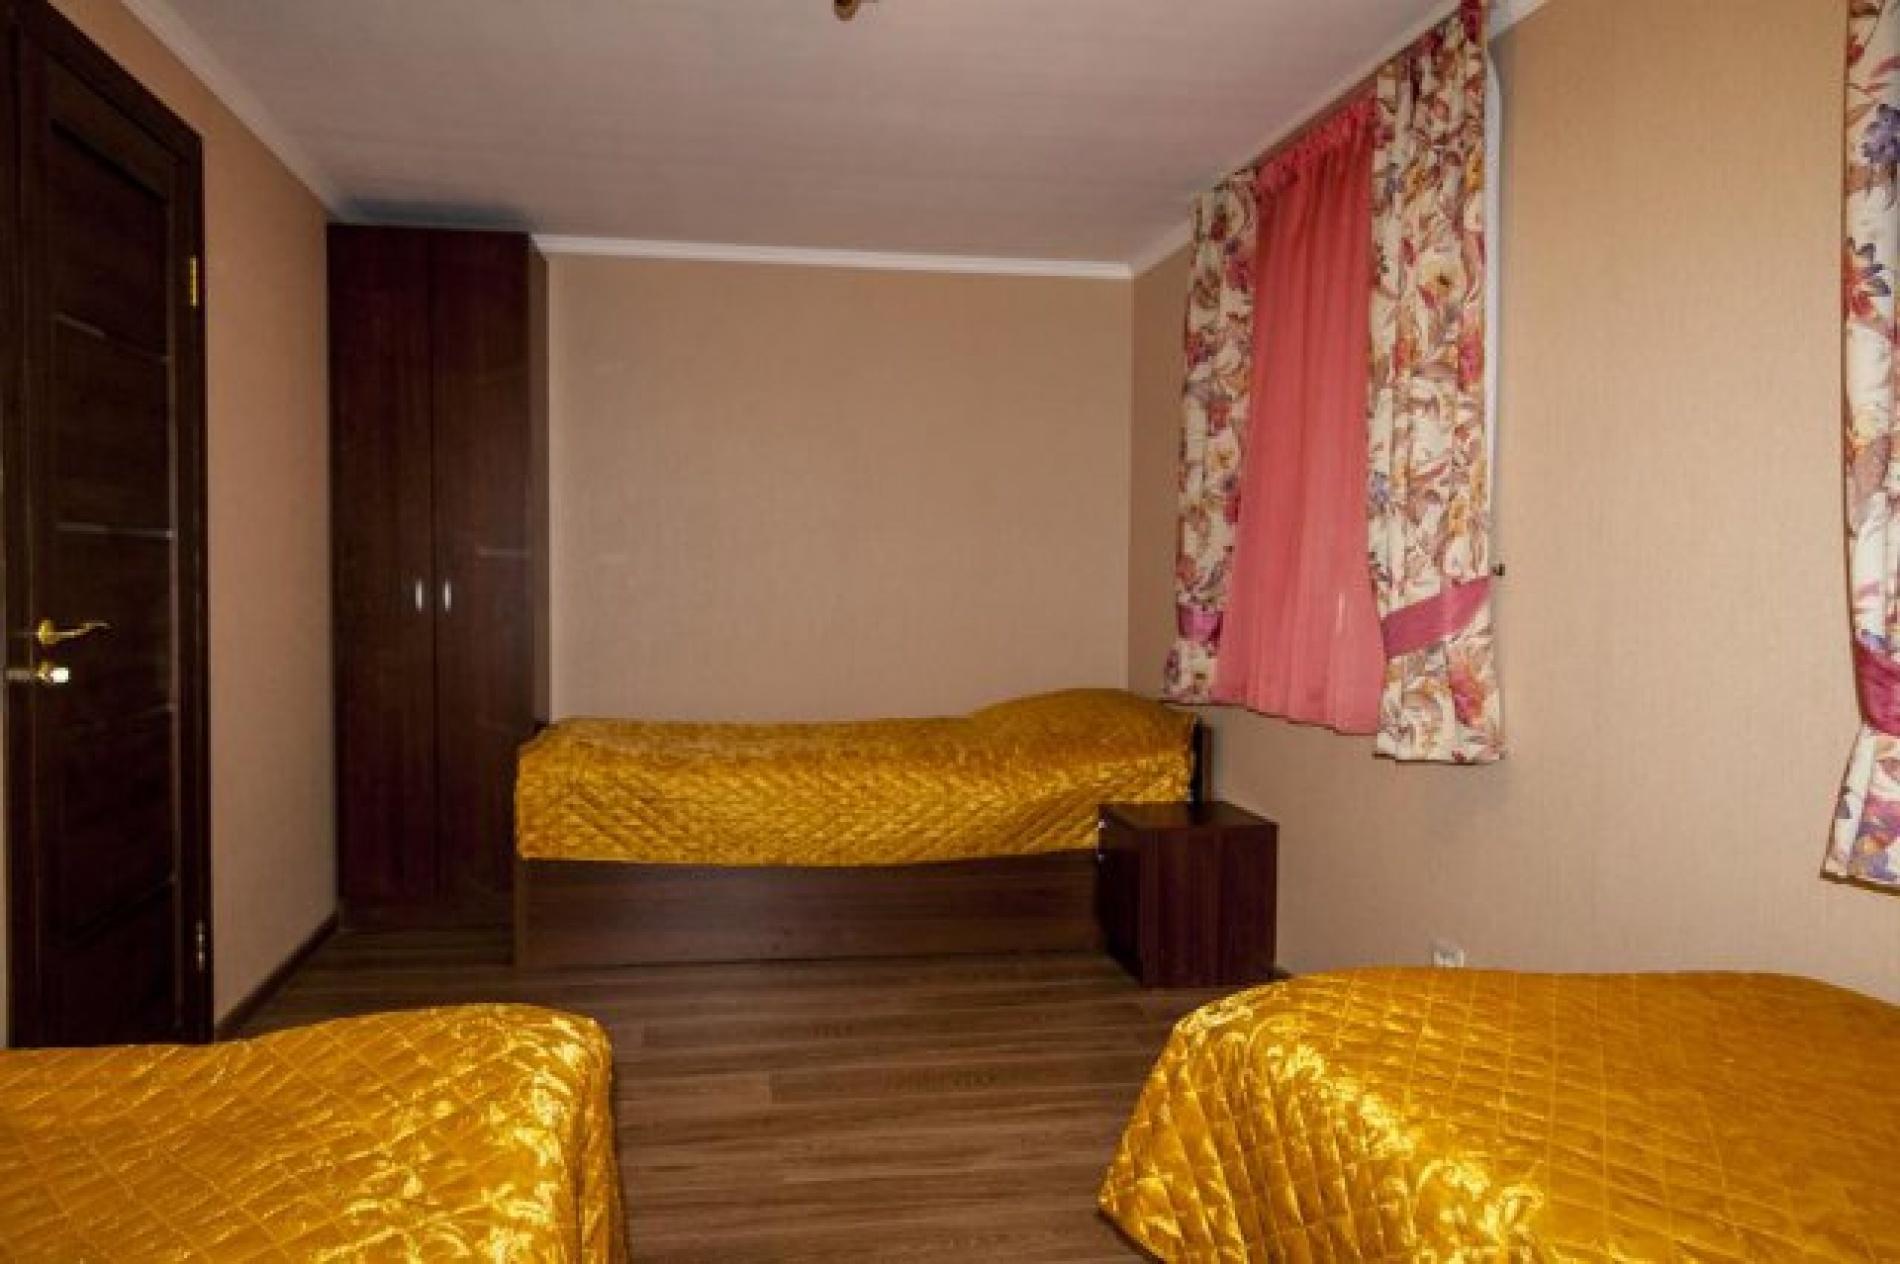 База отдыха «Стёпаново» Вологодская область 3-местный номер в Доме № 3, фото 4